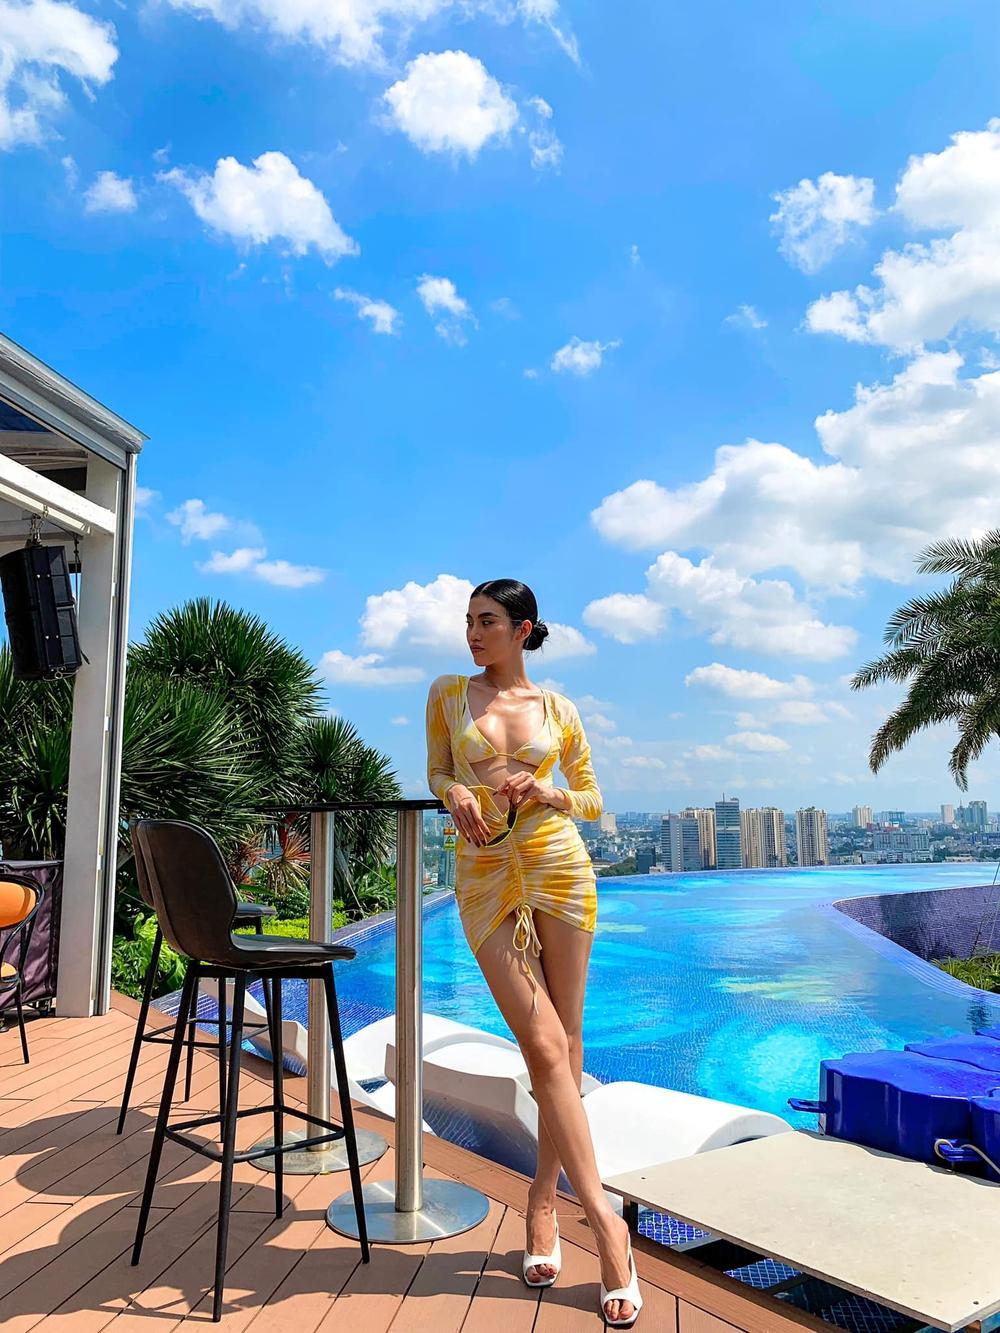 Hậu chia tay tỷ phú U80, người mẫu Việt tung loạt ảnh bikini nóng bỏng - Ảnh 2.